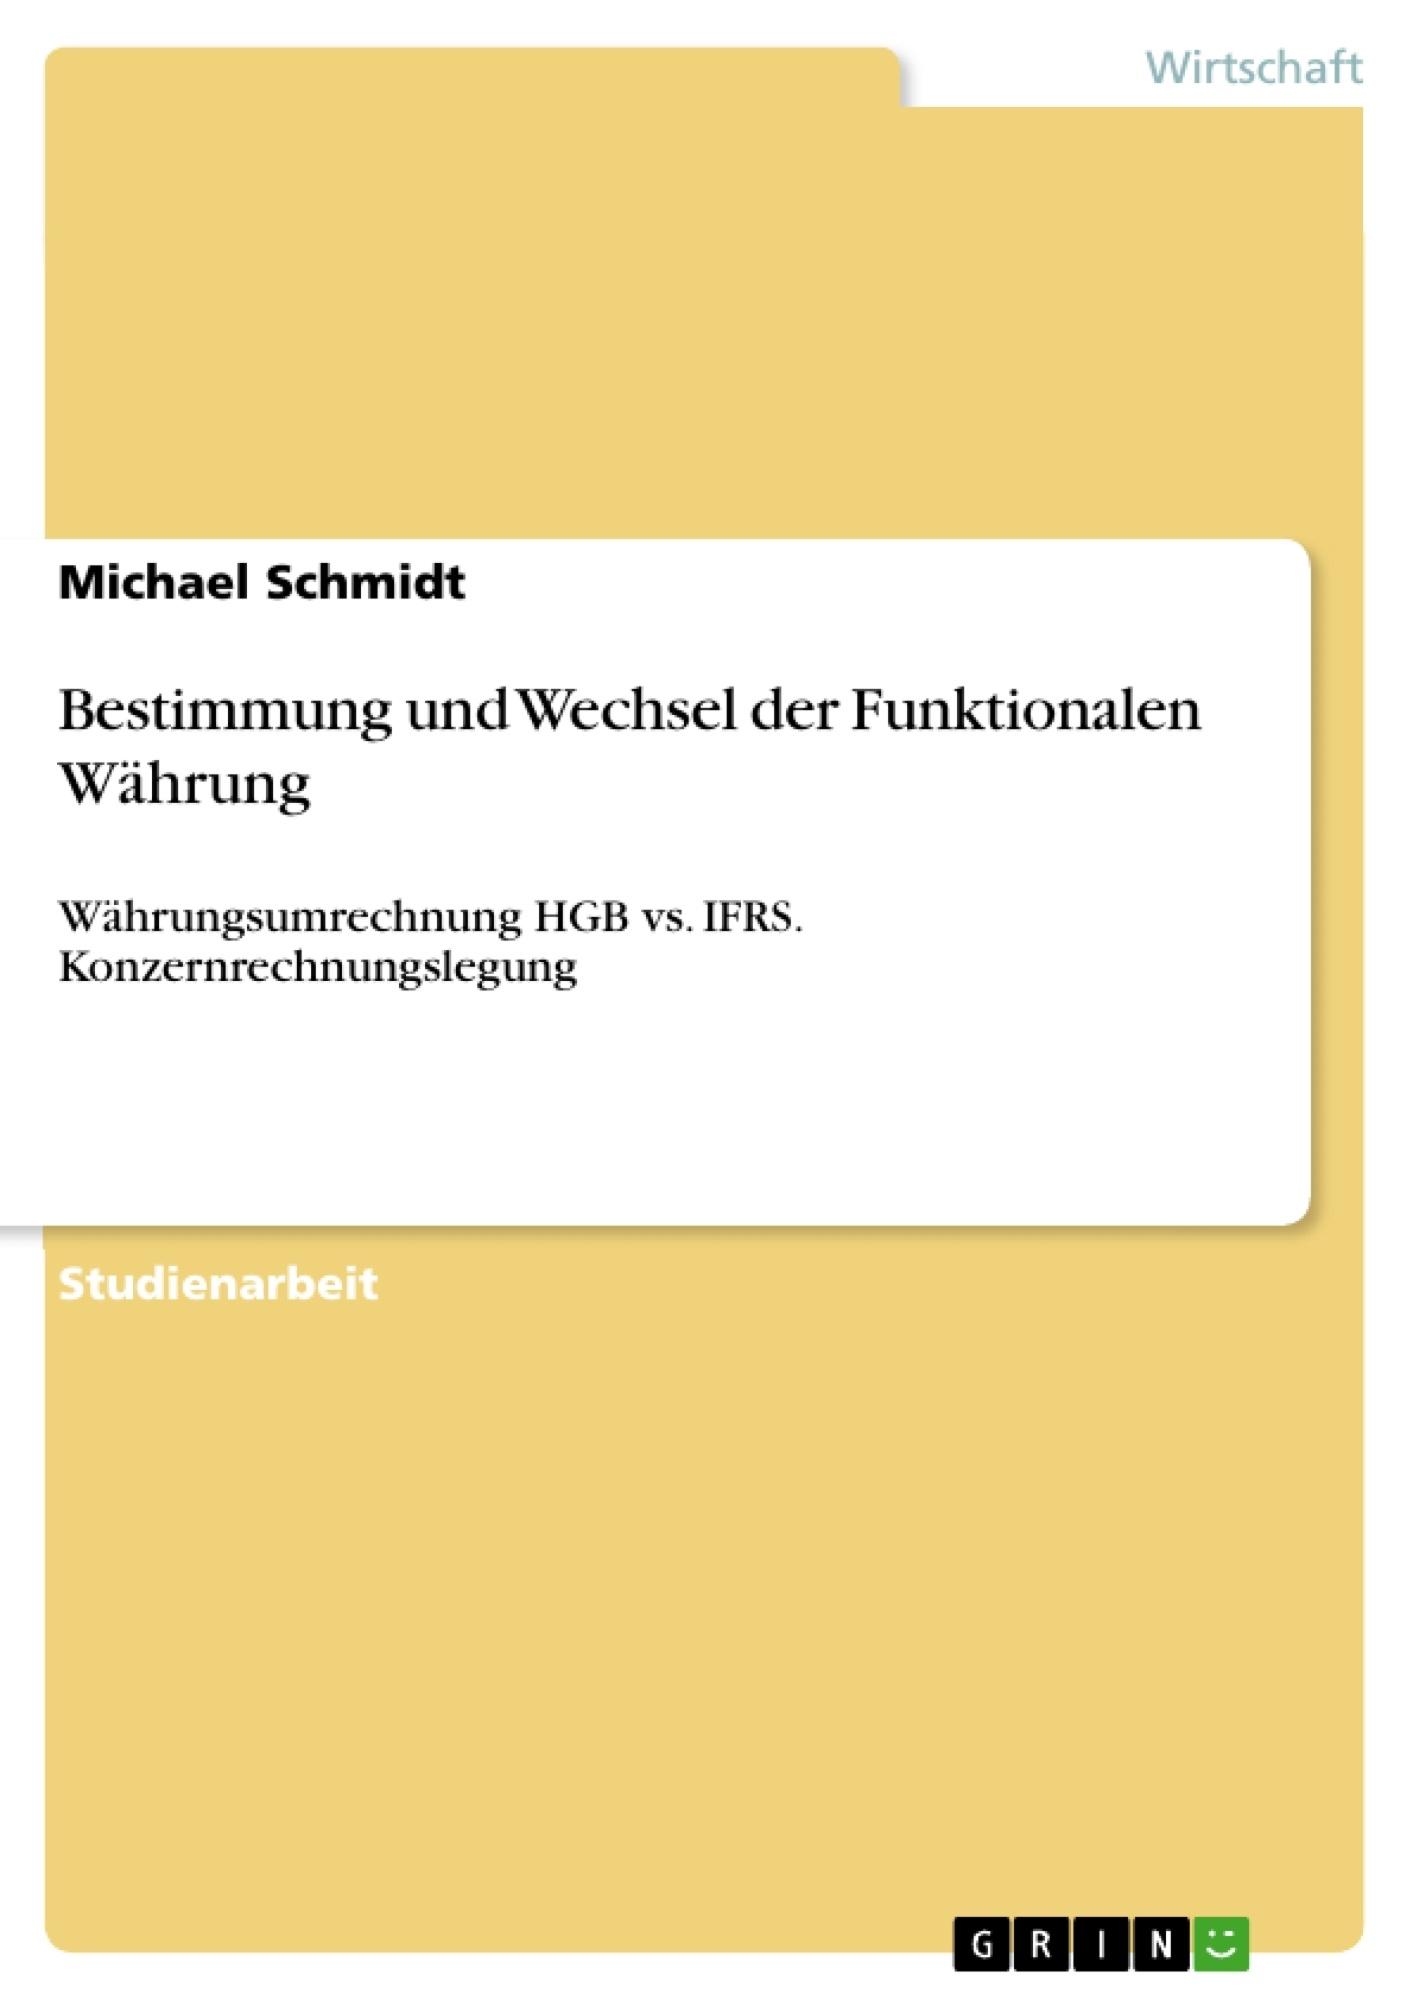 Titel: Bestimmung und Wechsel der Funktionalen Währung